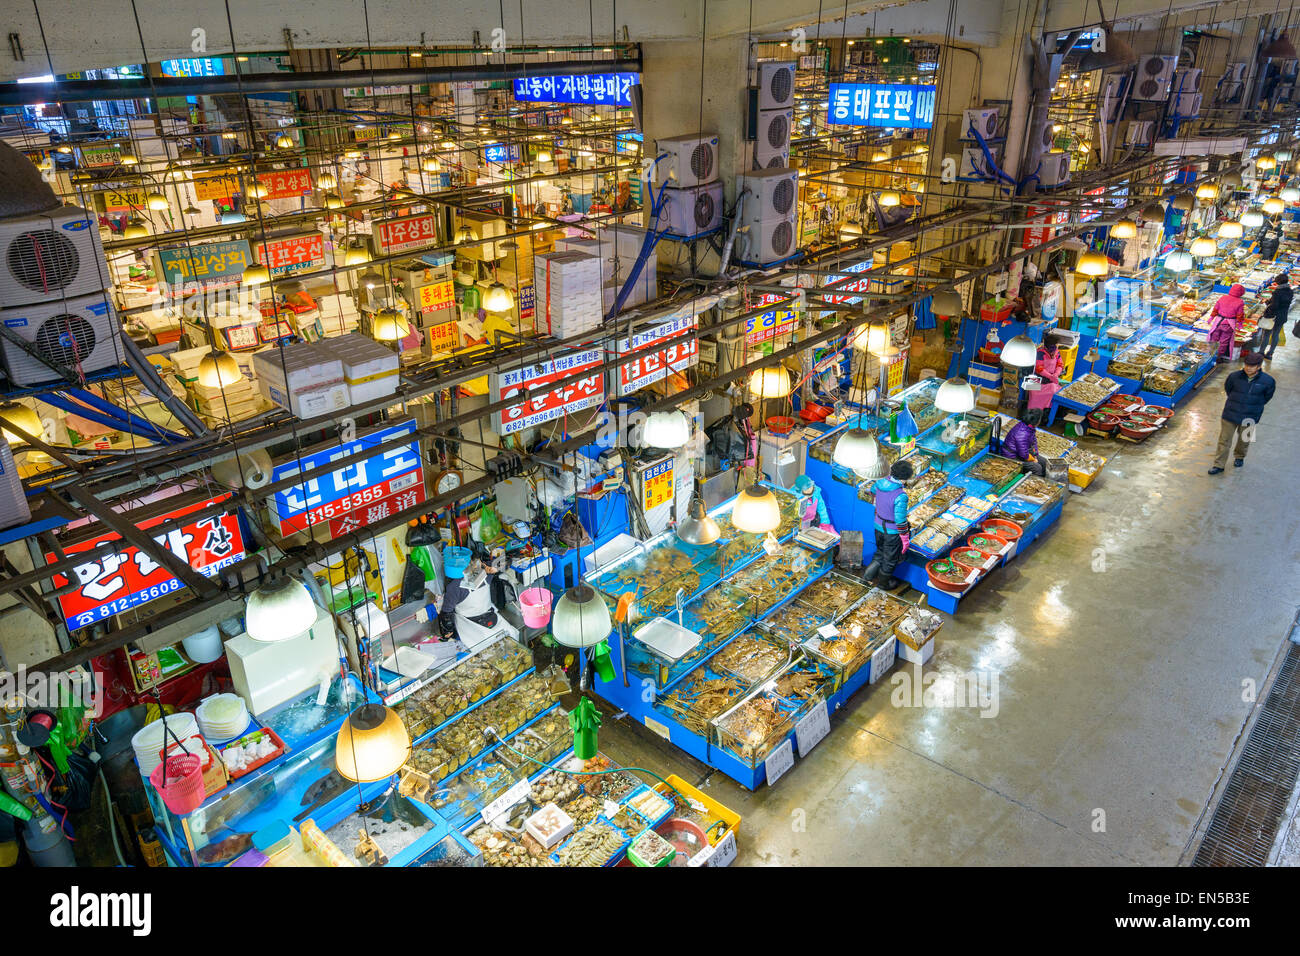 Vista aérea de compradores en el Mercado Mayorista Pesquero Noryangjin en Seúl, Corea del Sur. Foto de stock